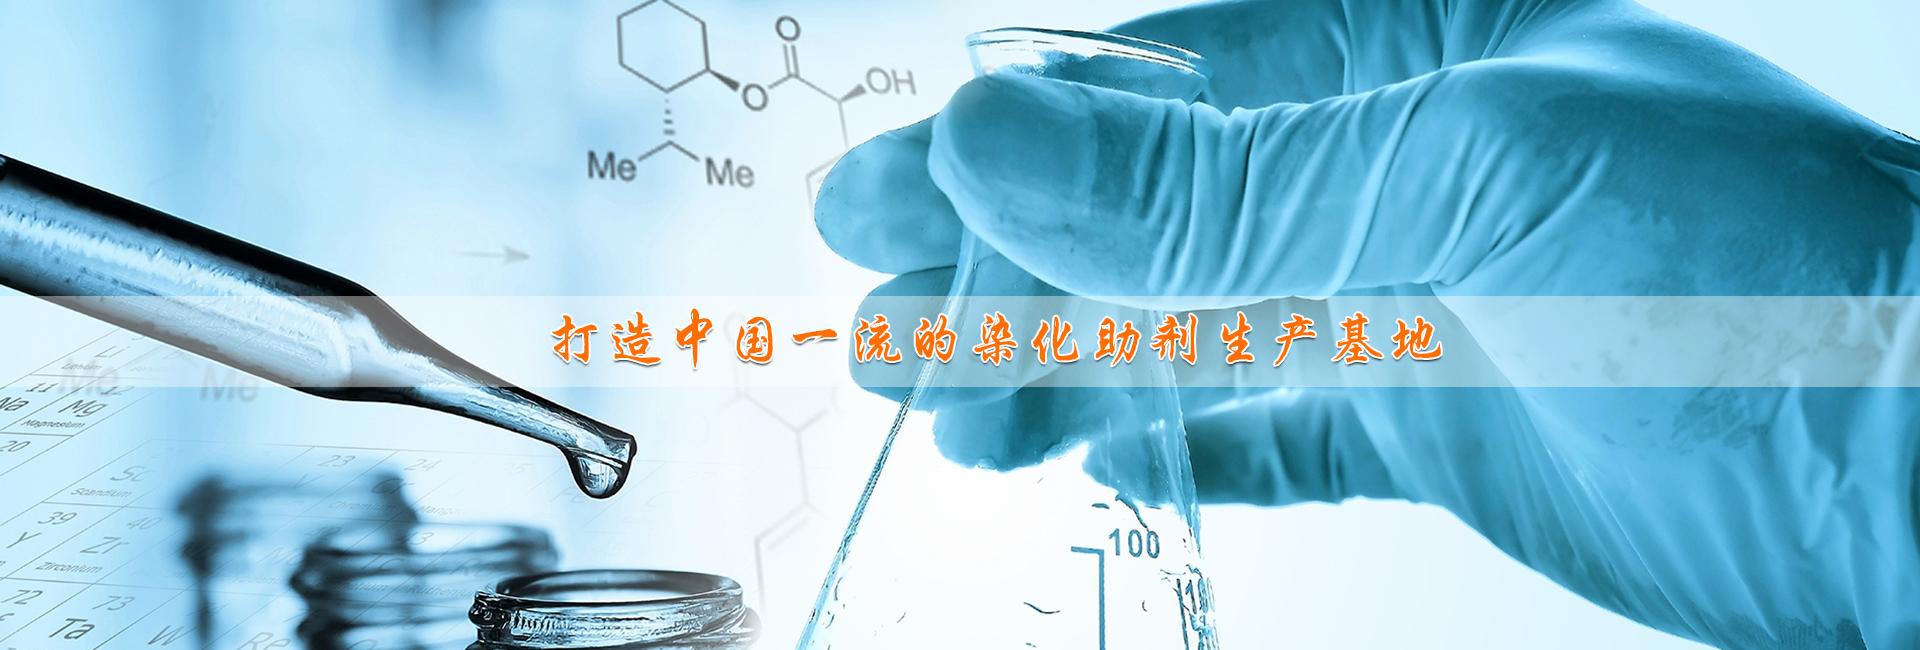 染化助剂生产